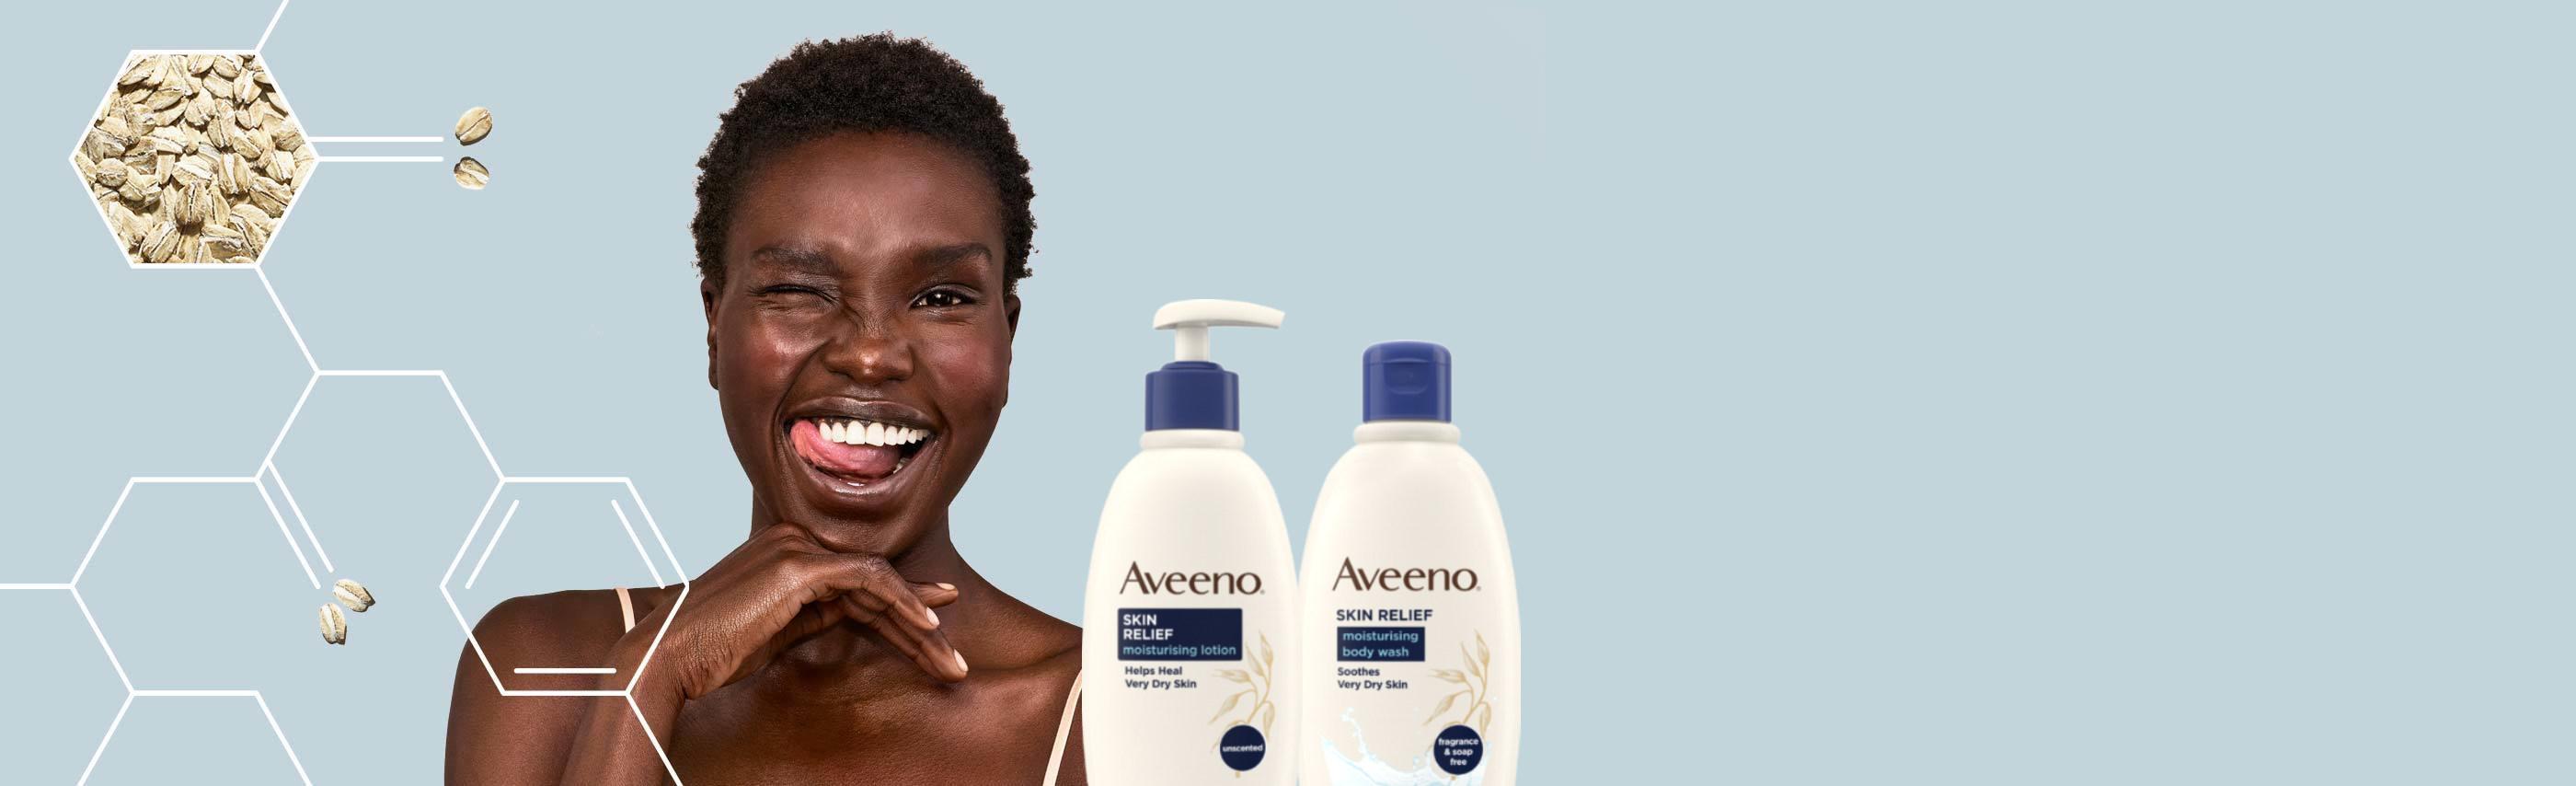 Skin Relief von Aveeno®